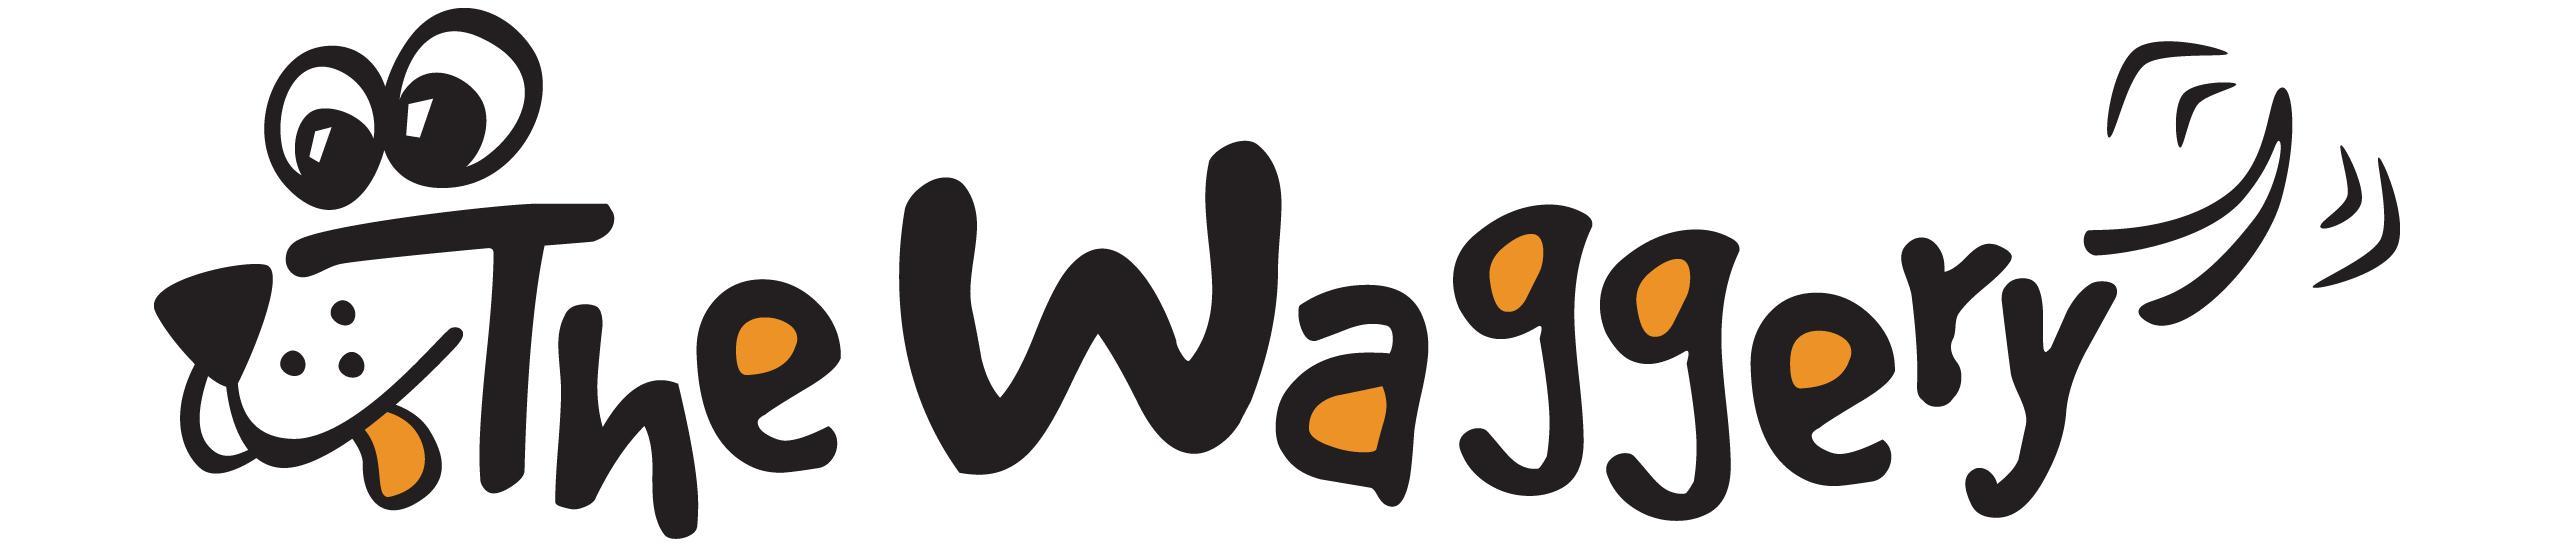 Waggery